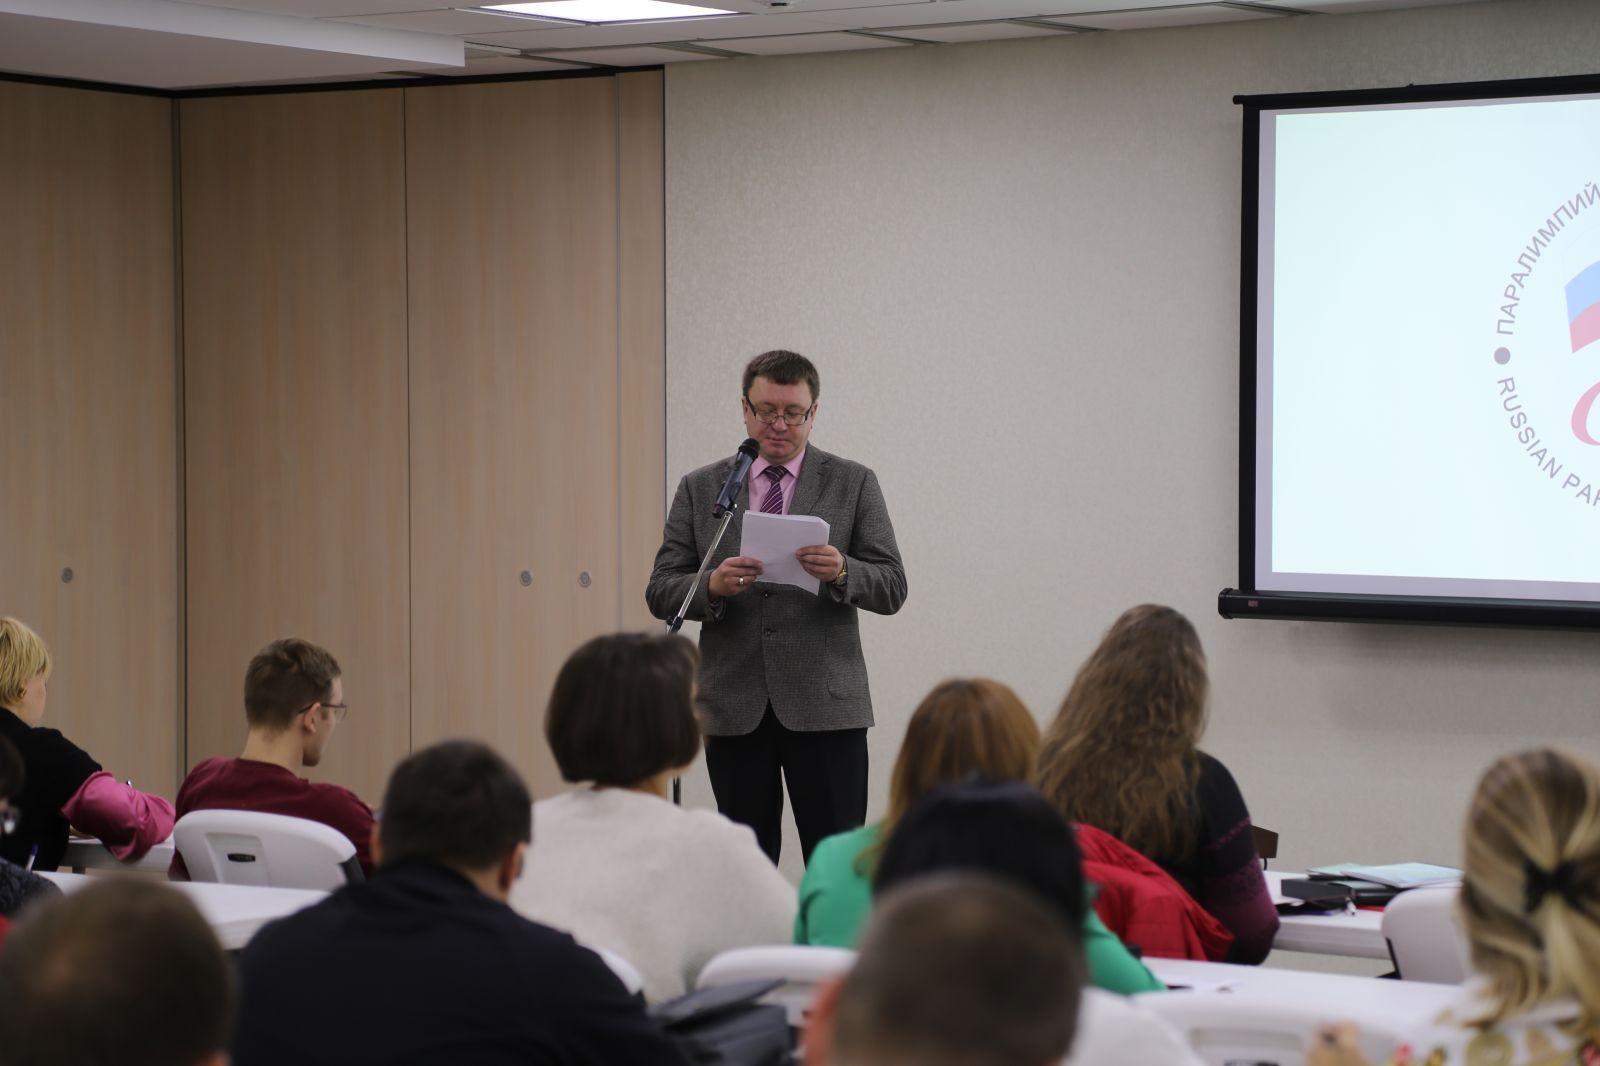 А.А. Строкин выступил перед слушателями программы дополнительного профессионального образования ПКР по экспертной оценке состояния доступности приоритетных объектов и услуг в приоритетных сферах жизнедеятельности инвалидов и маломобильных групп населения